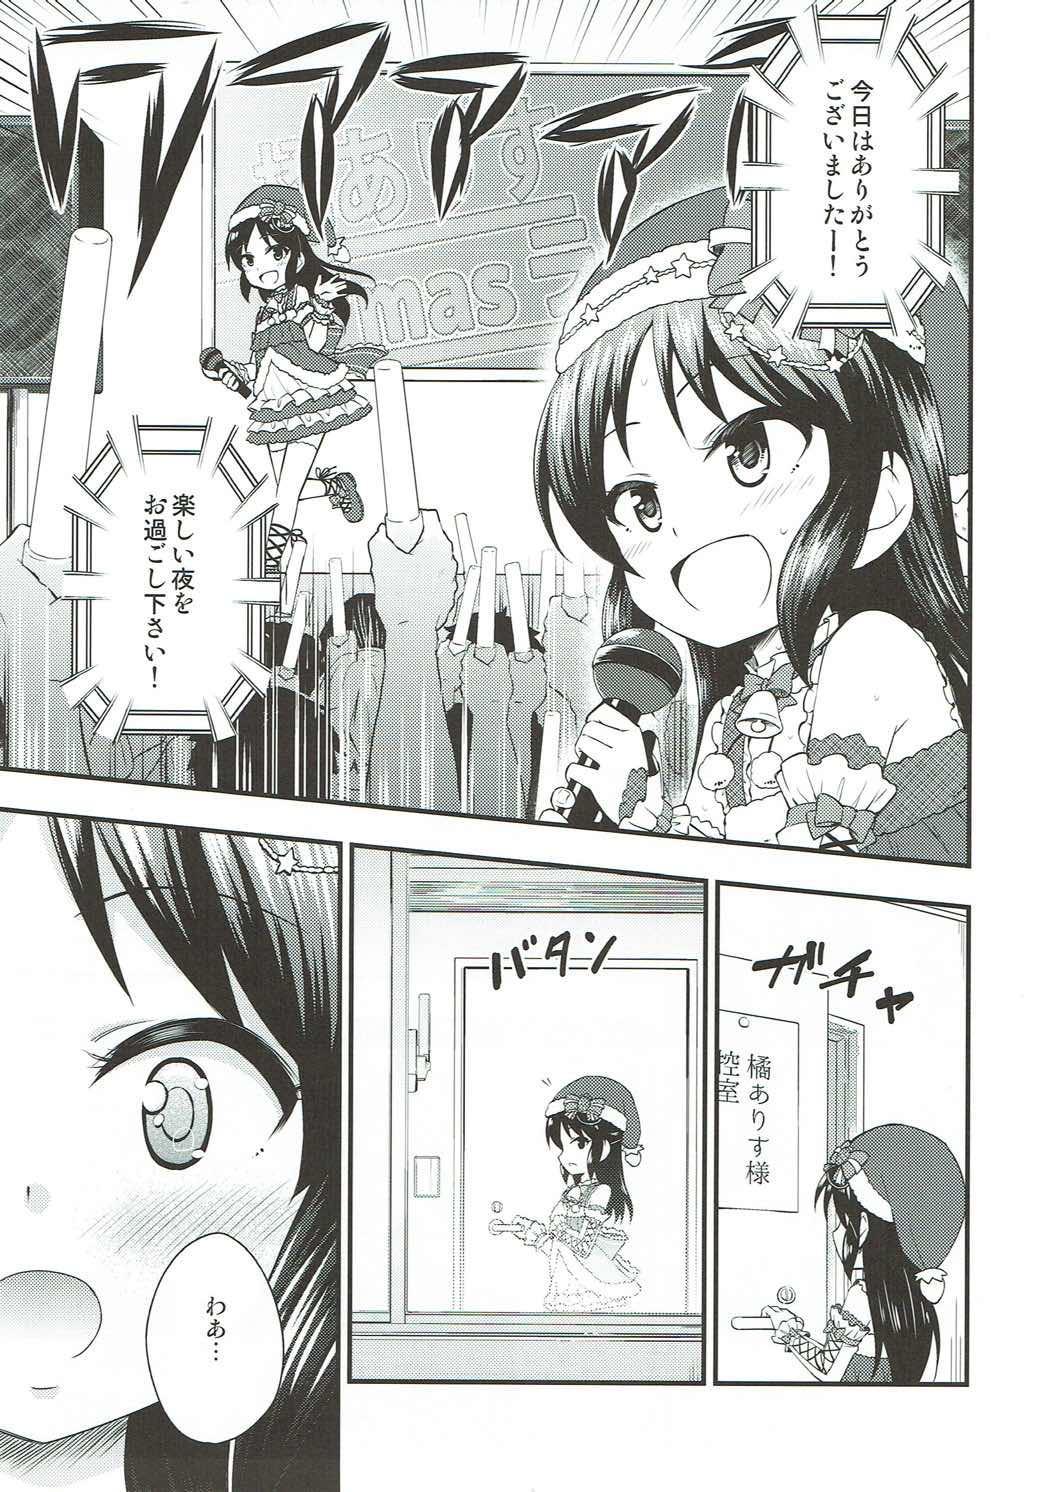 Arisu no Seiya no Negaigoto 1